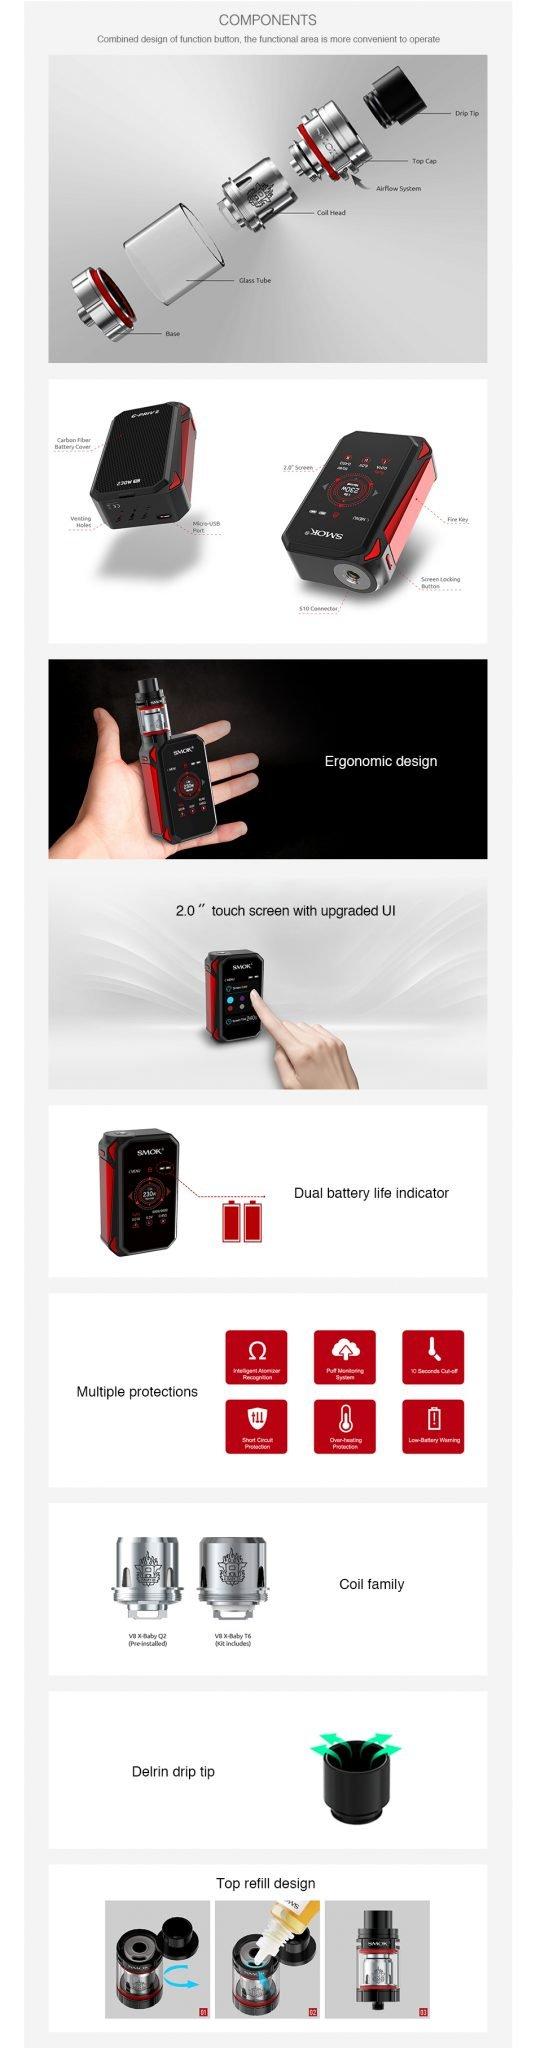 Smok G Priv 2 Kit UK Components